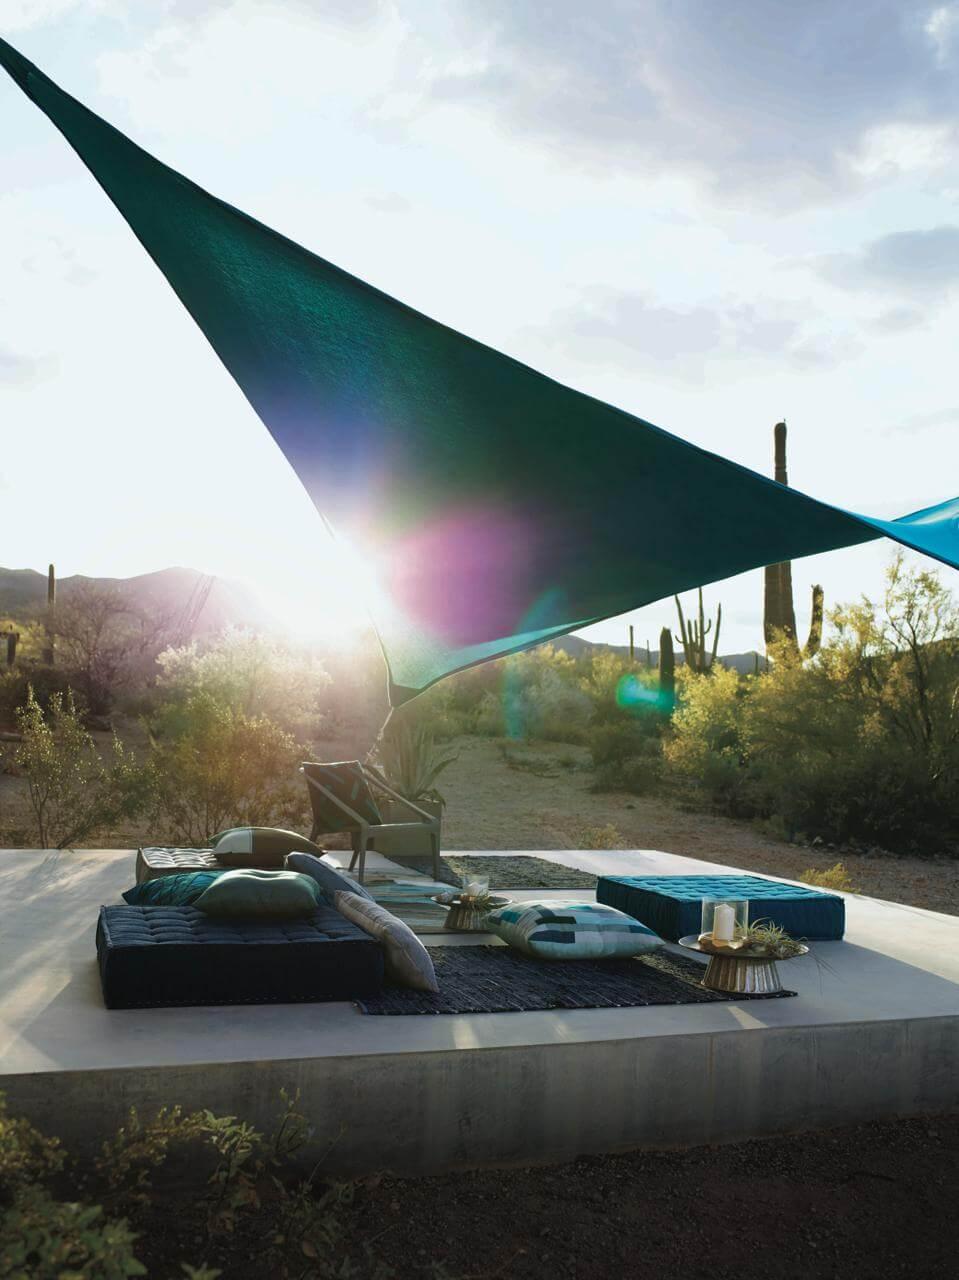 deco-home_garten-ideen_20180406apr_sunbrella_120561